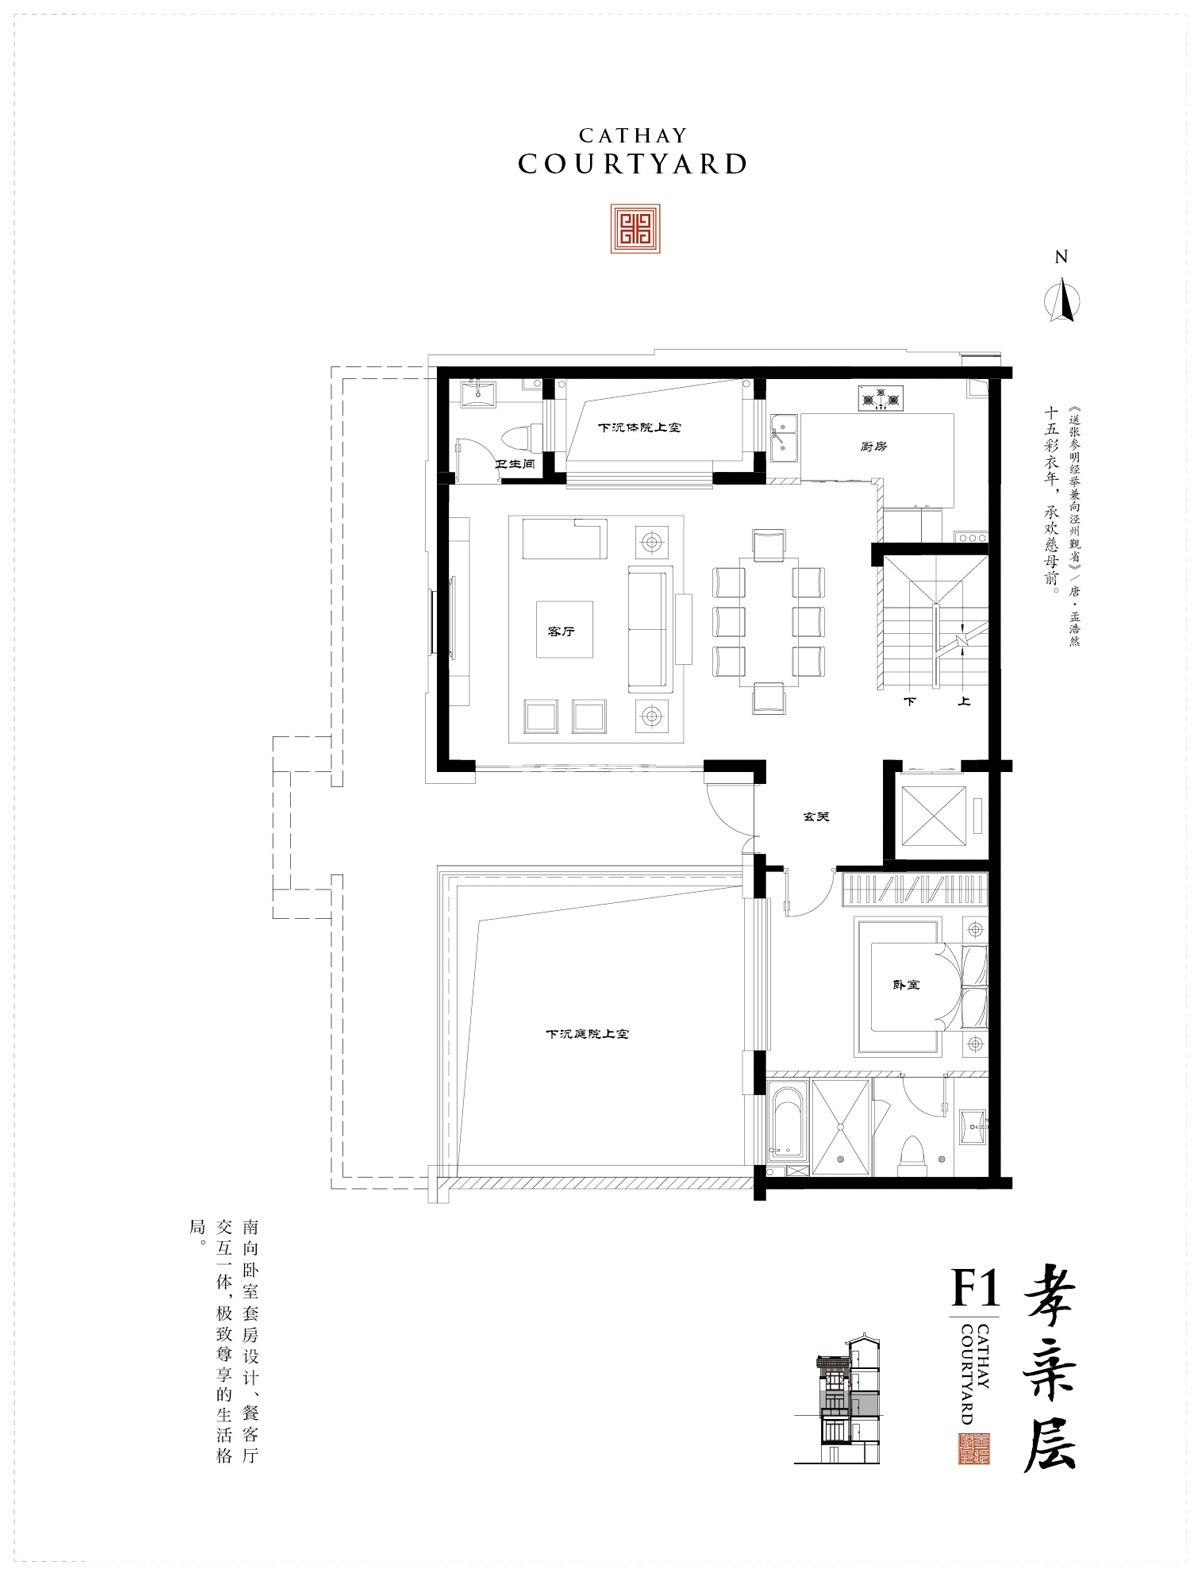 文一泰禾合肥院子别墅370㎡F1户型图